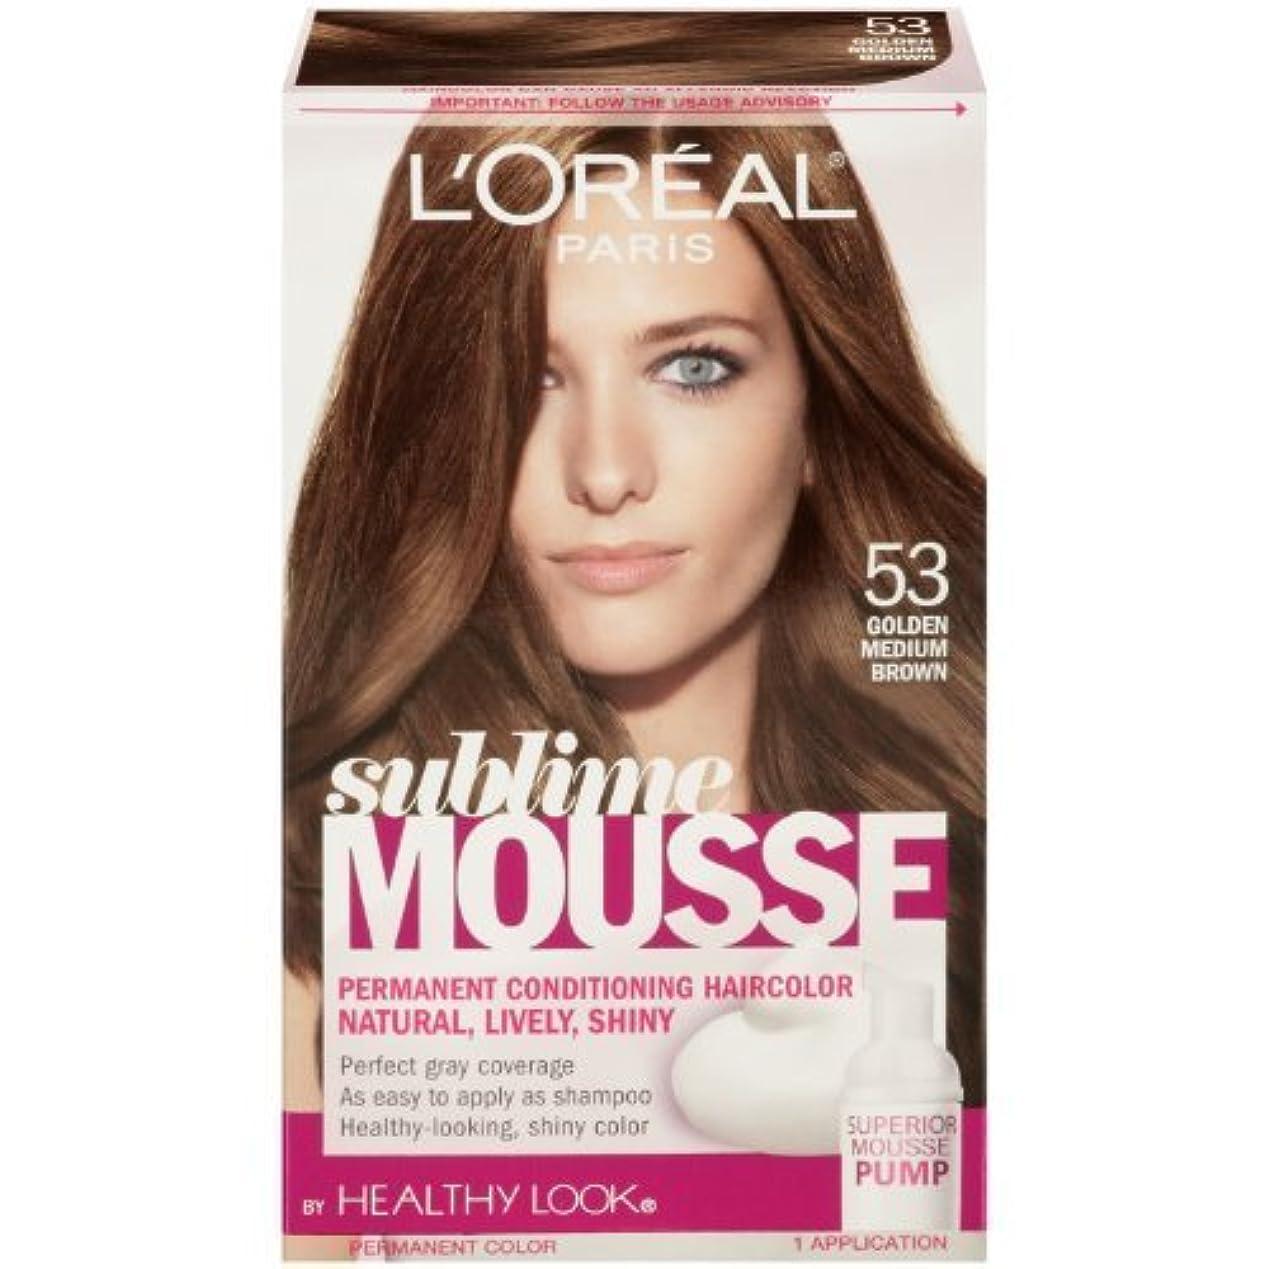 L'Oreal Paris Sublime Mousse by Healthy Look Hair Color, 53 Golden Medium Brown by SUBLIME MOUSSE [並行輸入品]